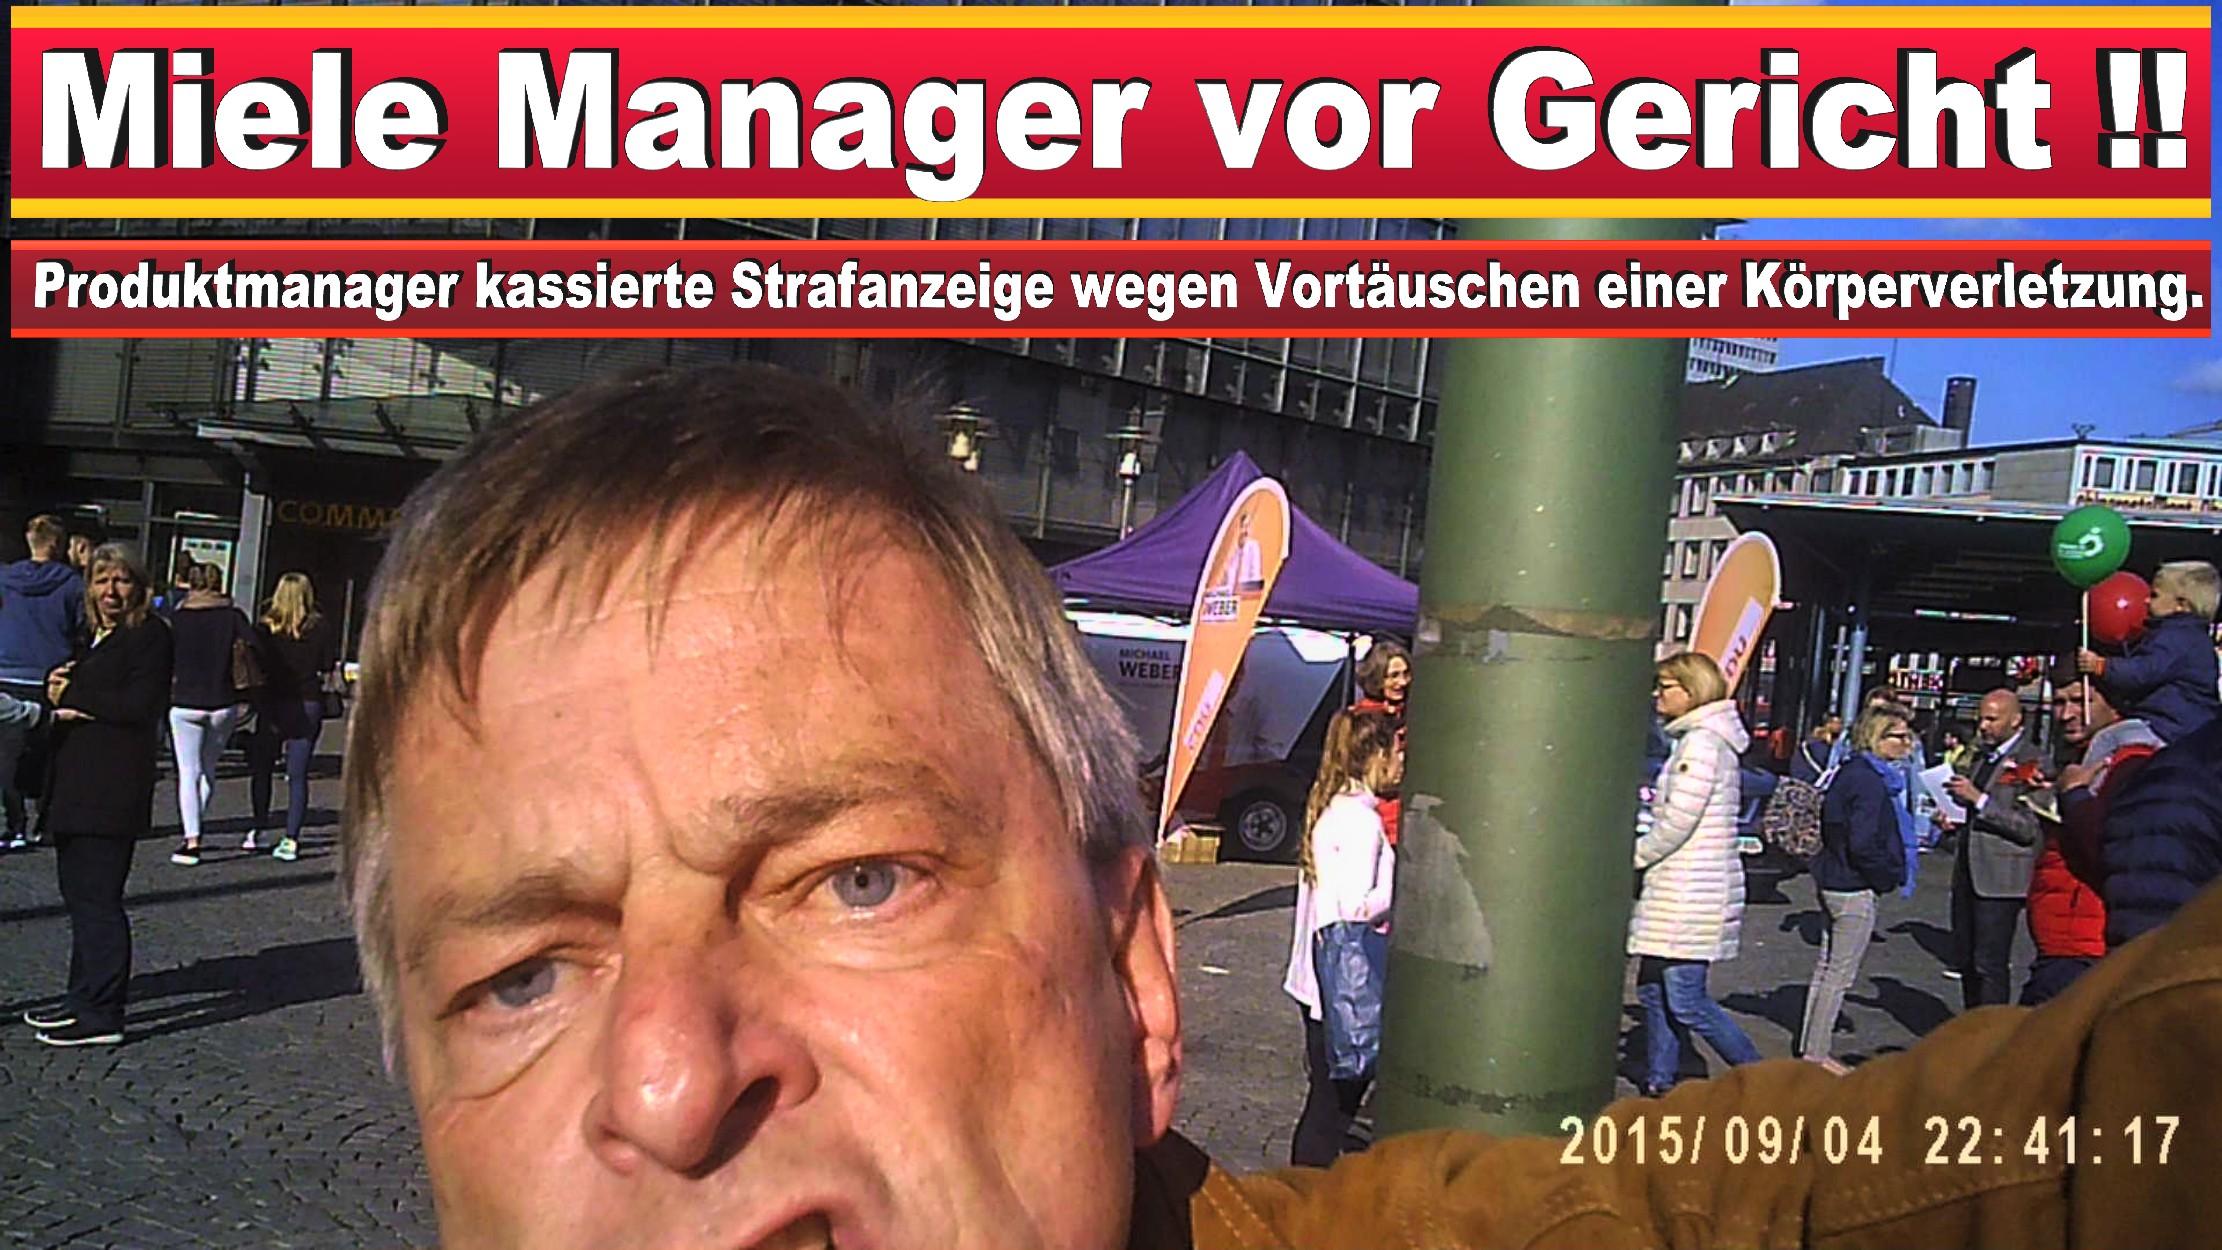 CDU BIELEFELD POLIZEIGEWALT GEWALTAUSBRUCH UND STRAFANZEIGE GEGEN EINEN JOURNALISTEN (17)